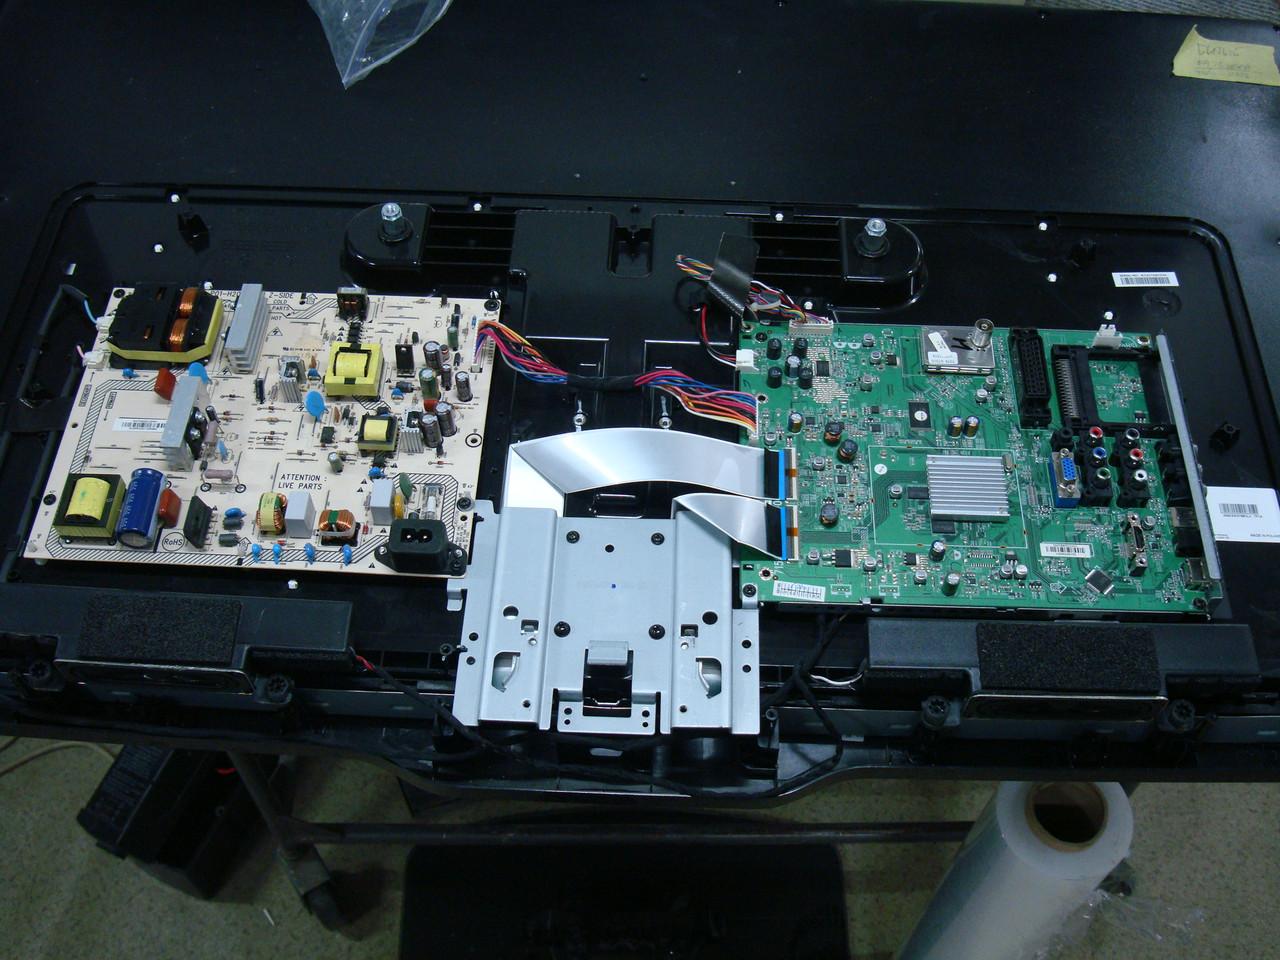 Телевизор philips 42PFL3606H по запчастям - разбита матрица (715G4609-M4B-000-005B, TDTK-G731D, 100FAPC2LVO)